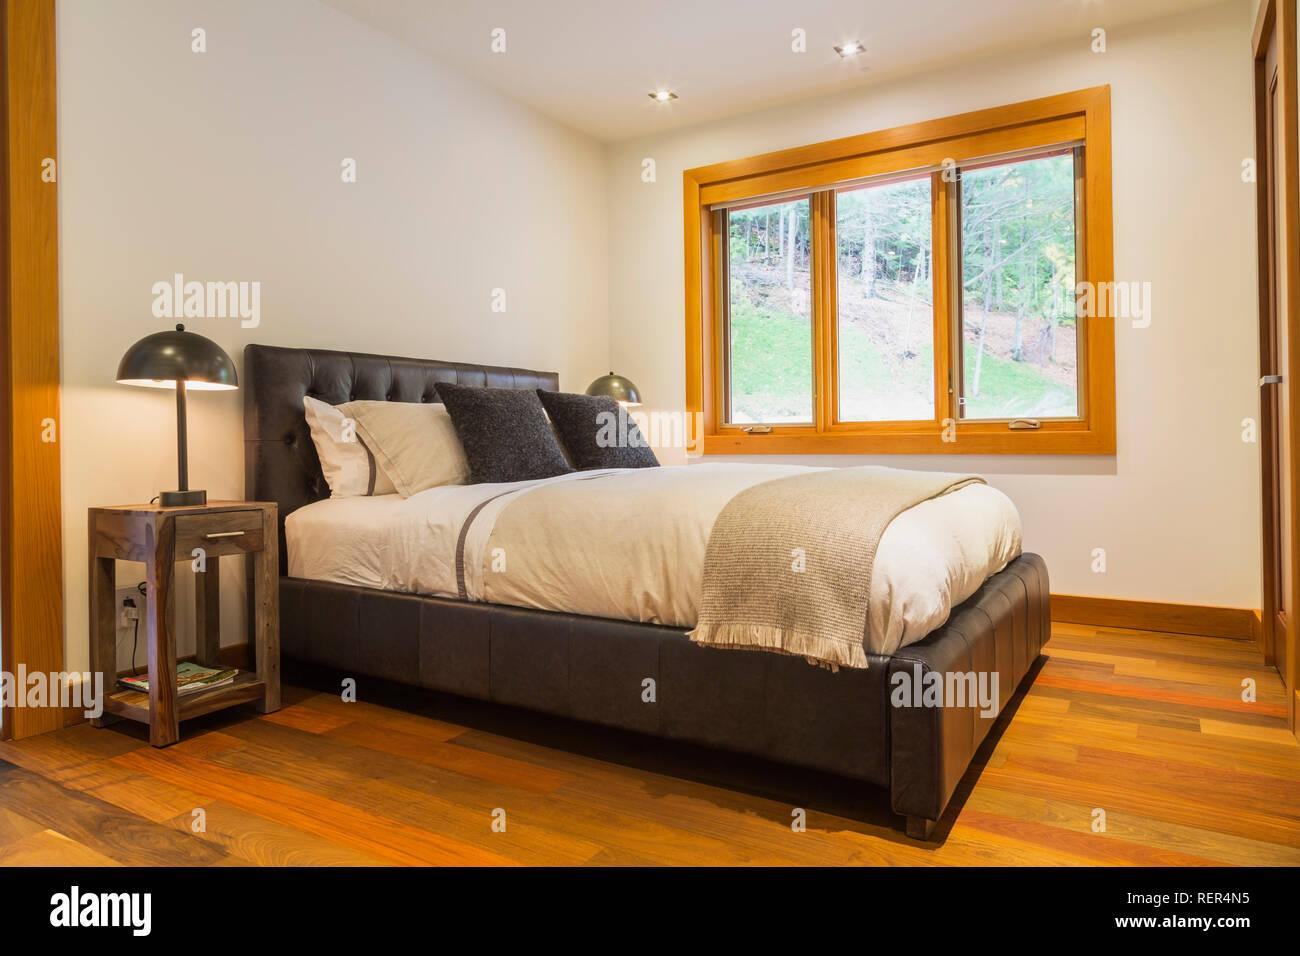 Fußboden Aus Leder ~ King size bett mit braunem leder panel kopfteil und holz ende